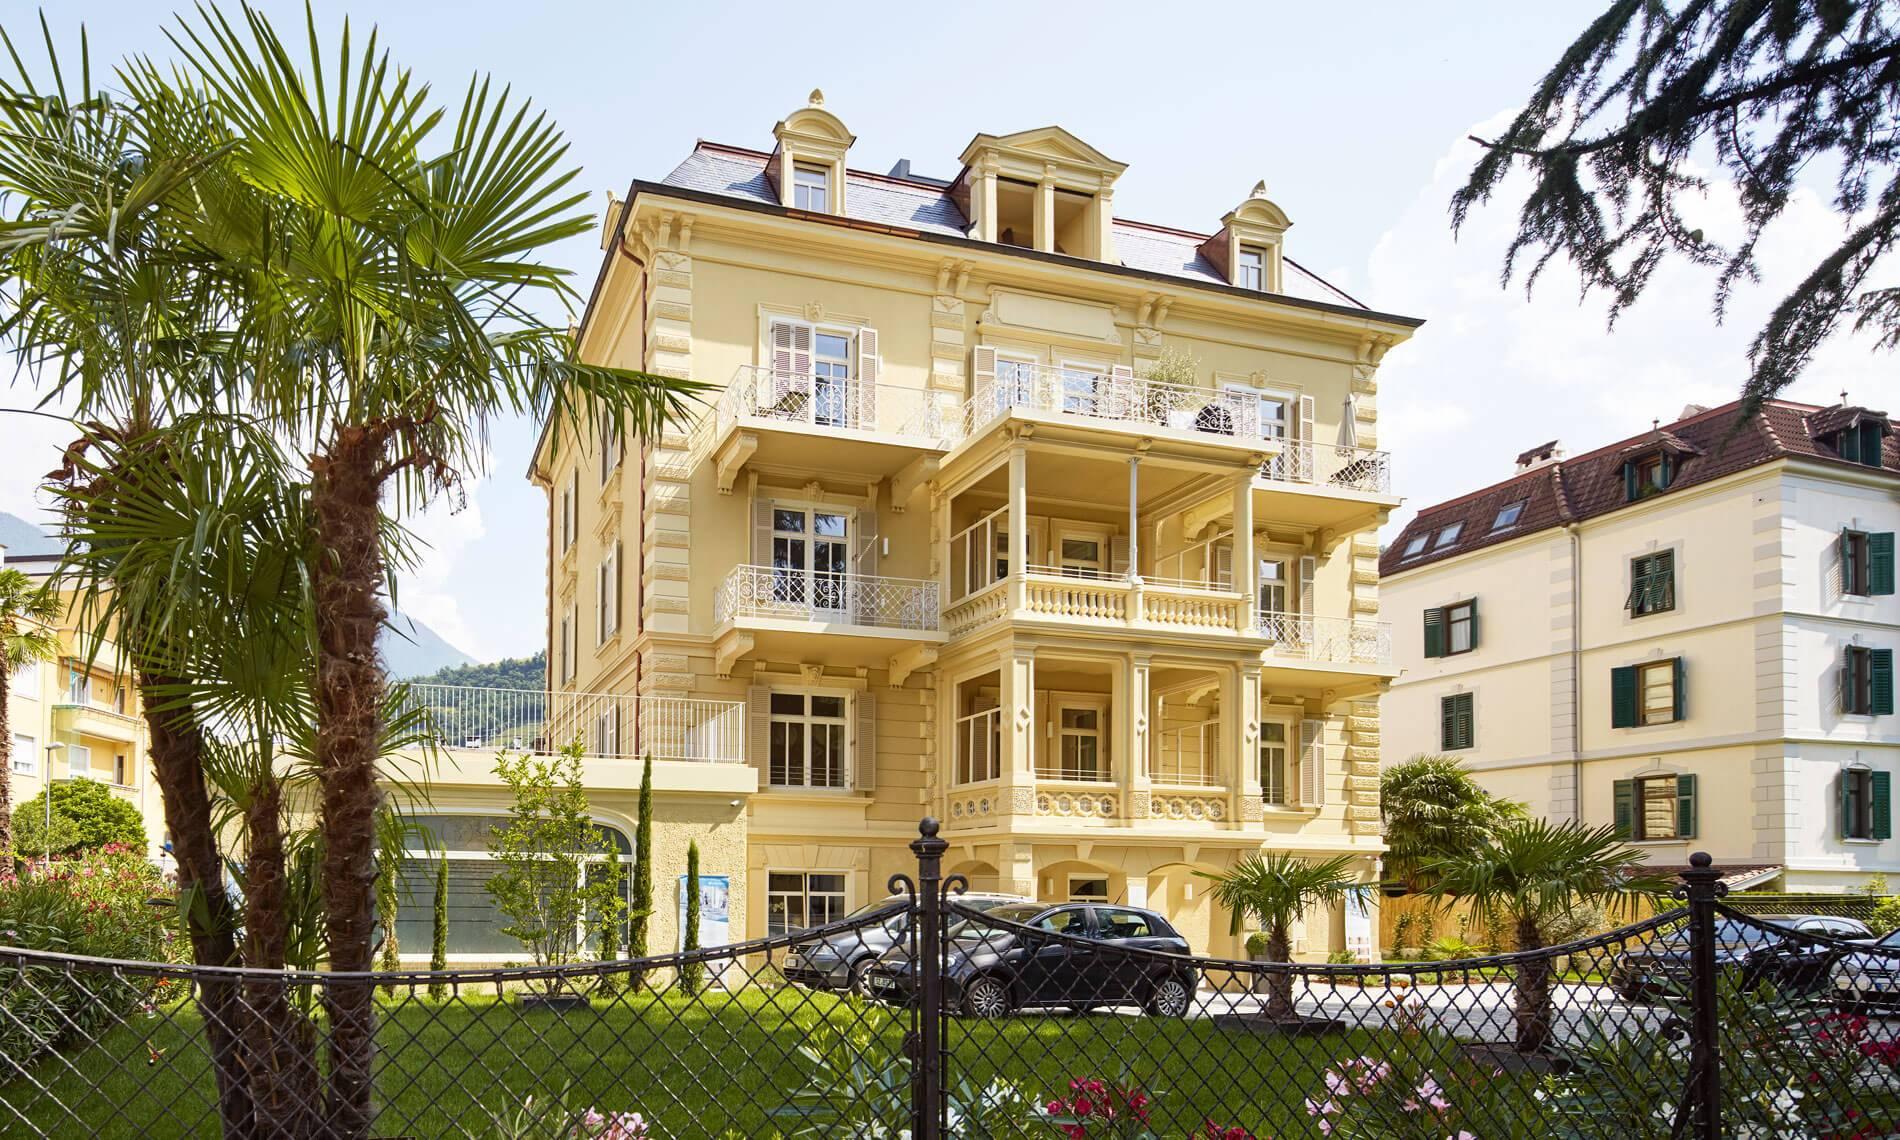 Villa Belsit - Wohnungen in Meran